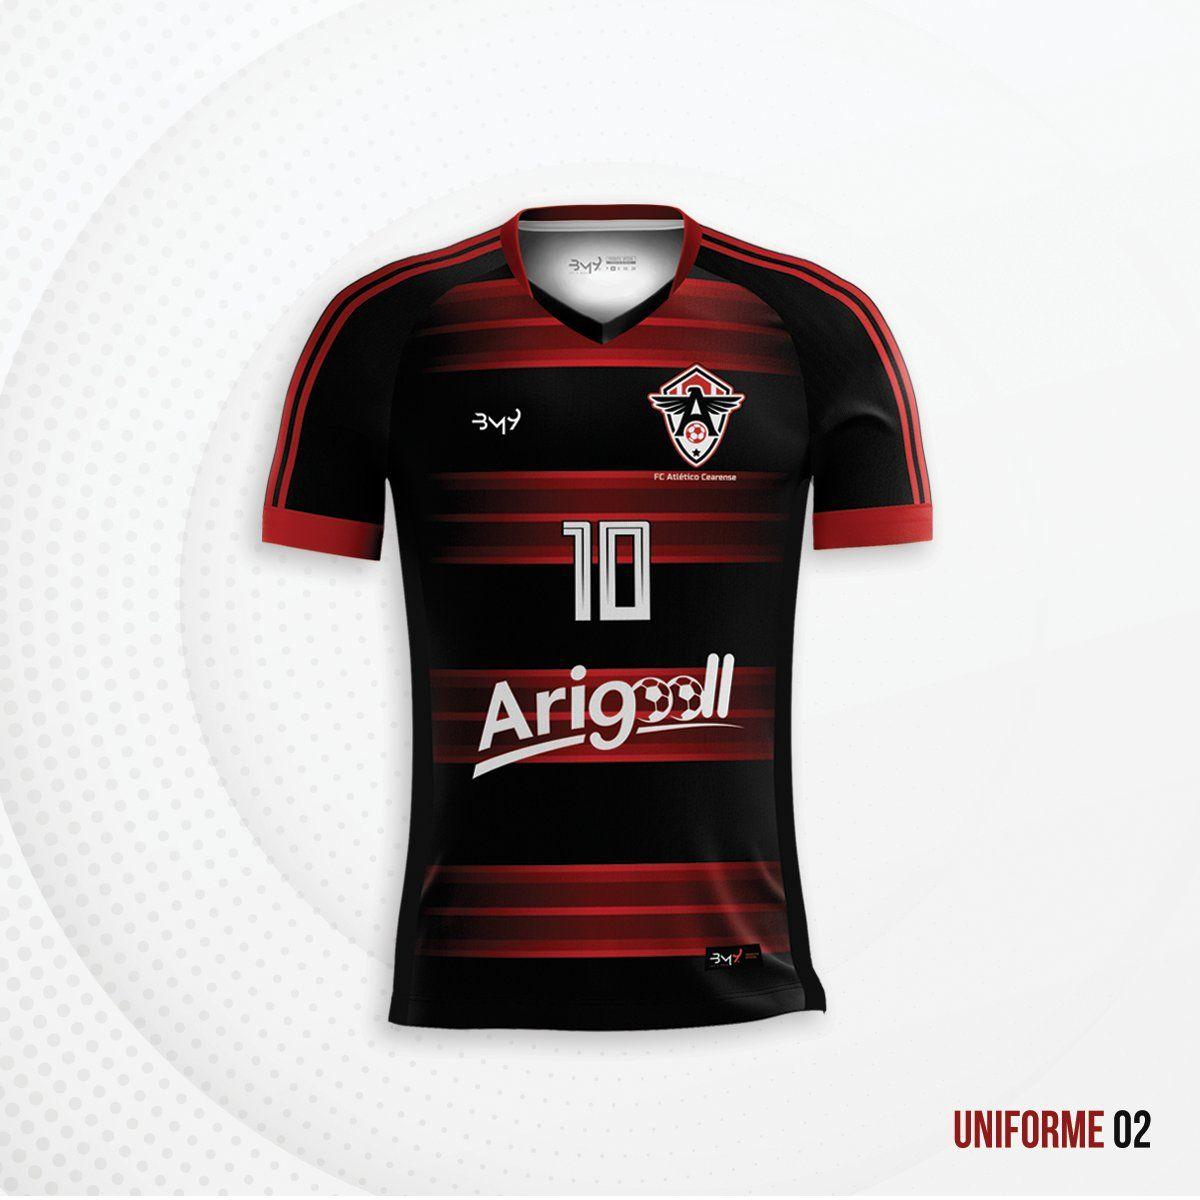 Uniforme n.º1 do Atlético-CE em 2019